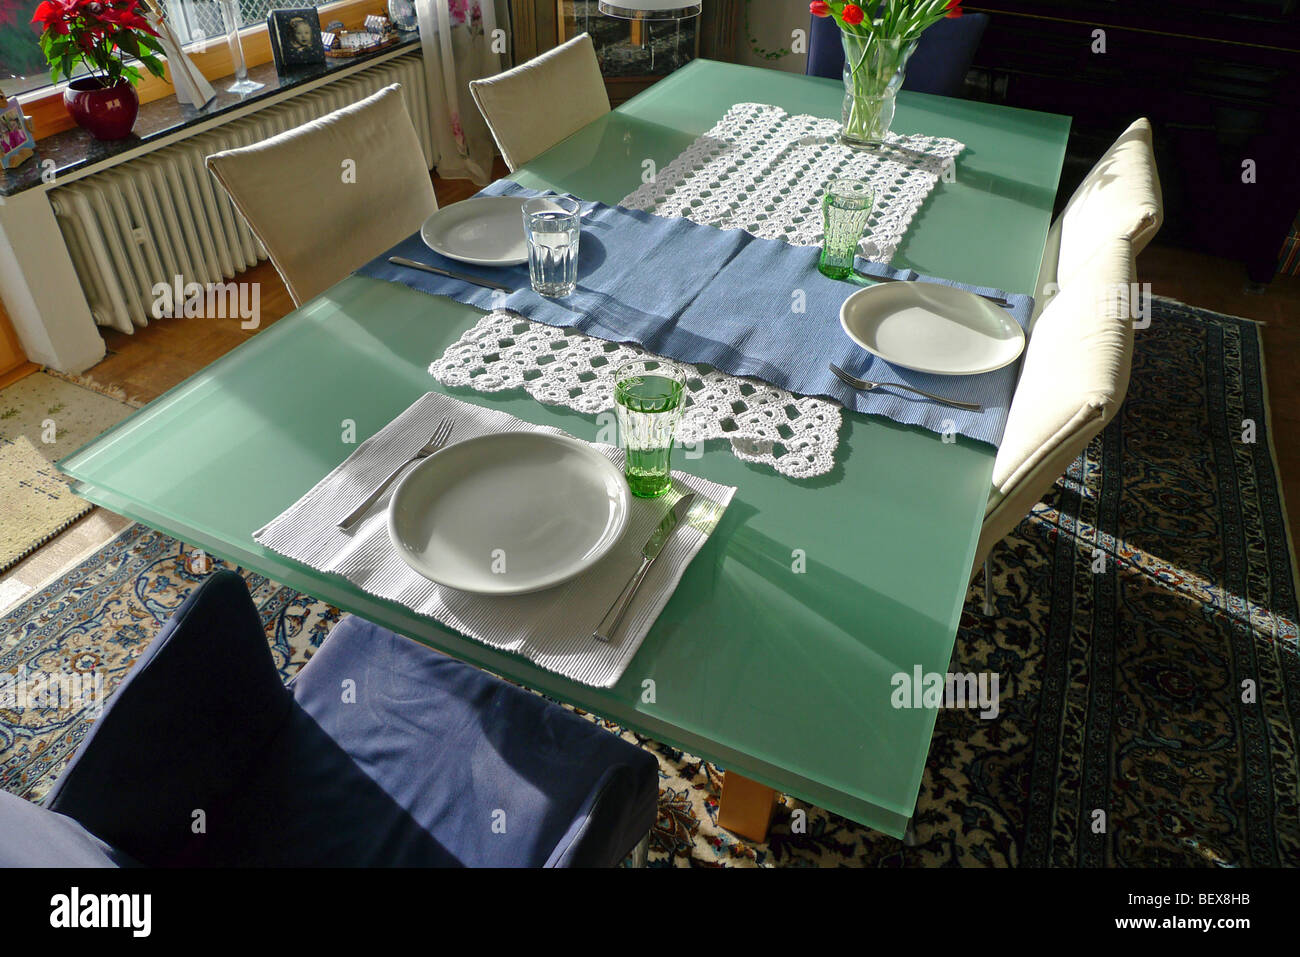 Decorazioni per la tavola. Immagini Stock